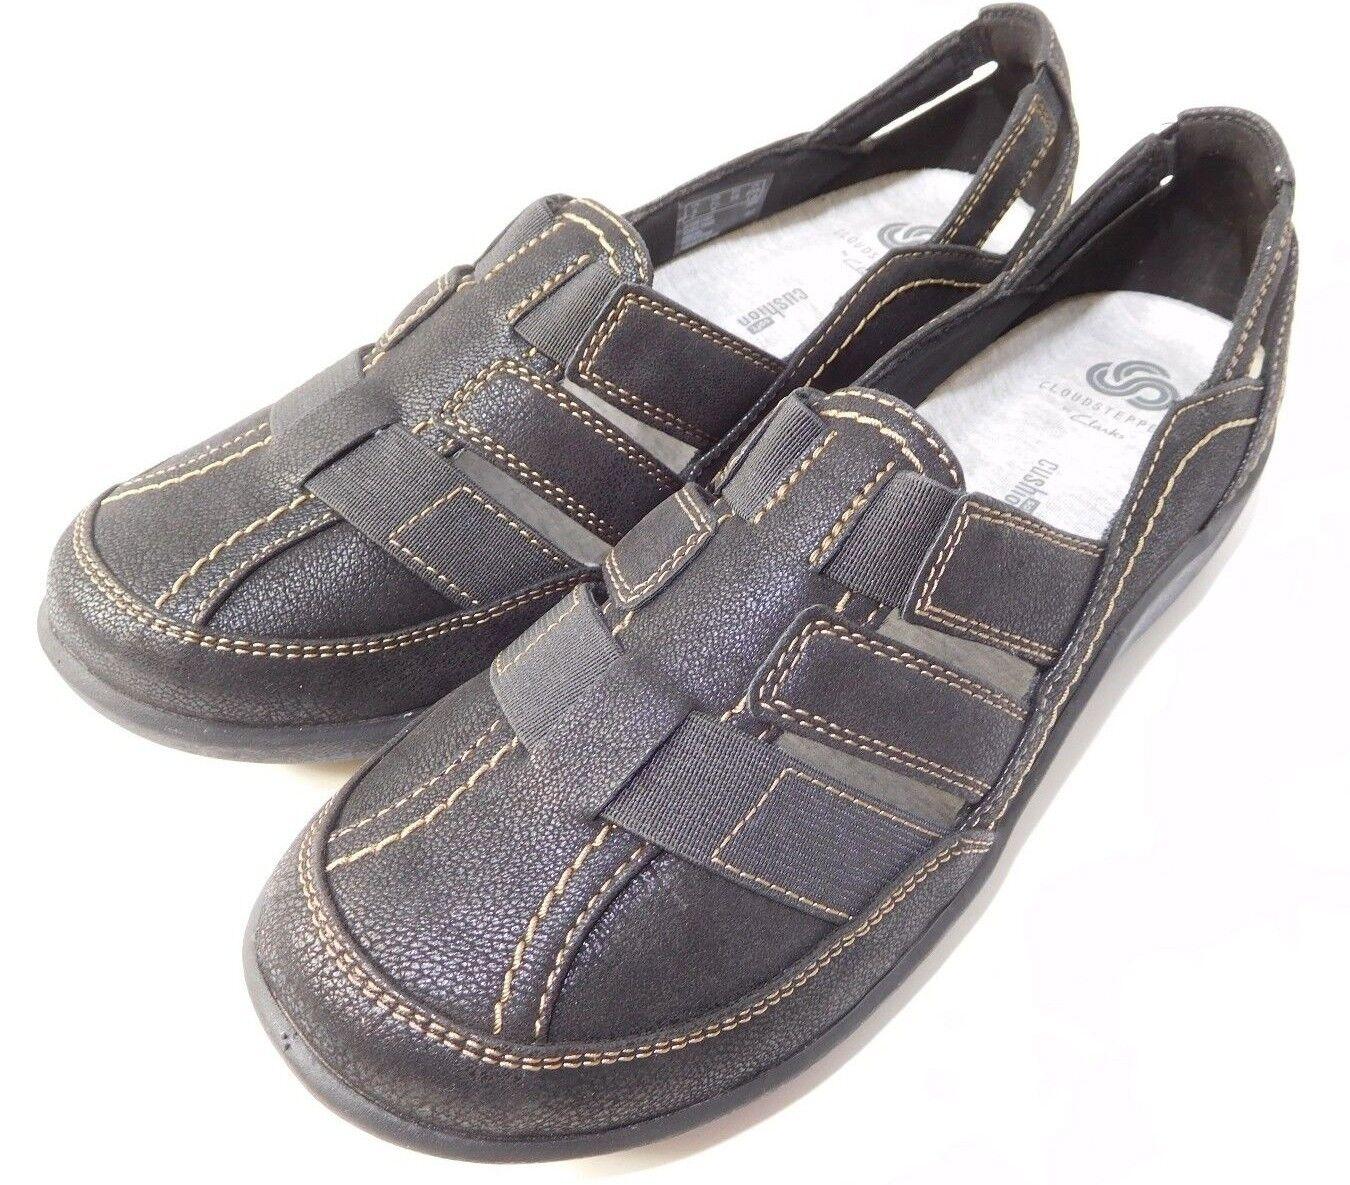 Women's Clarks Sillian Stork Slip Slip Slip on Comfort Summer Loafers US 7.5 M Black NEW 1 2aee9b